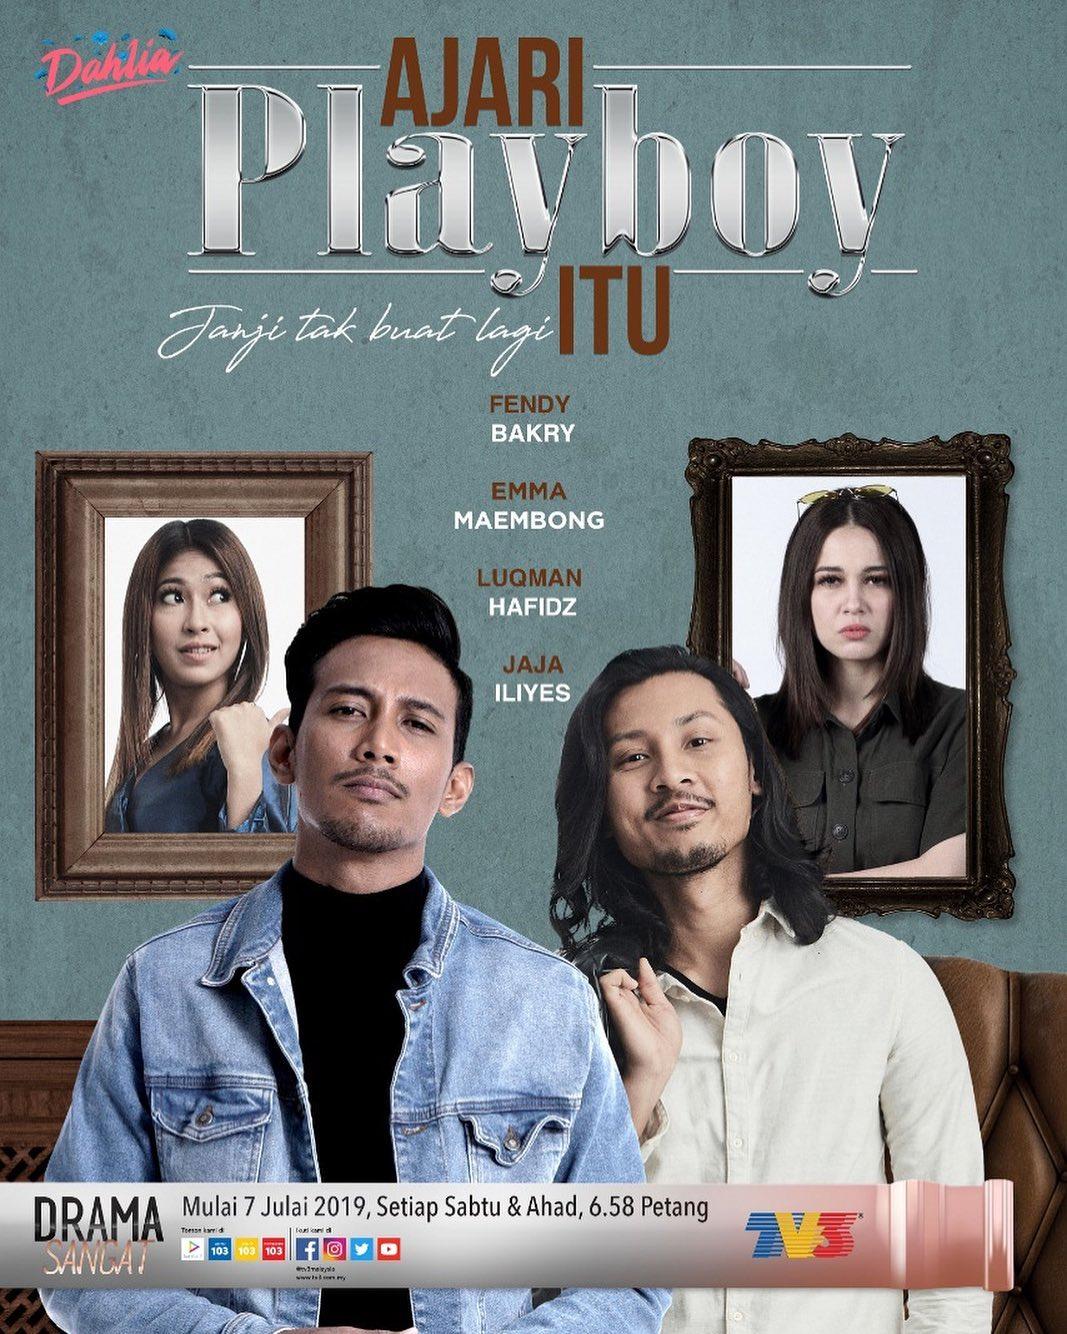 Ajari Playboy Itu